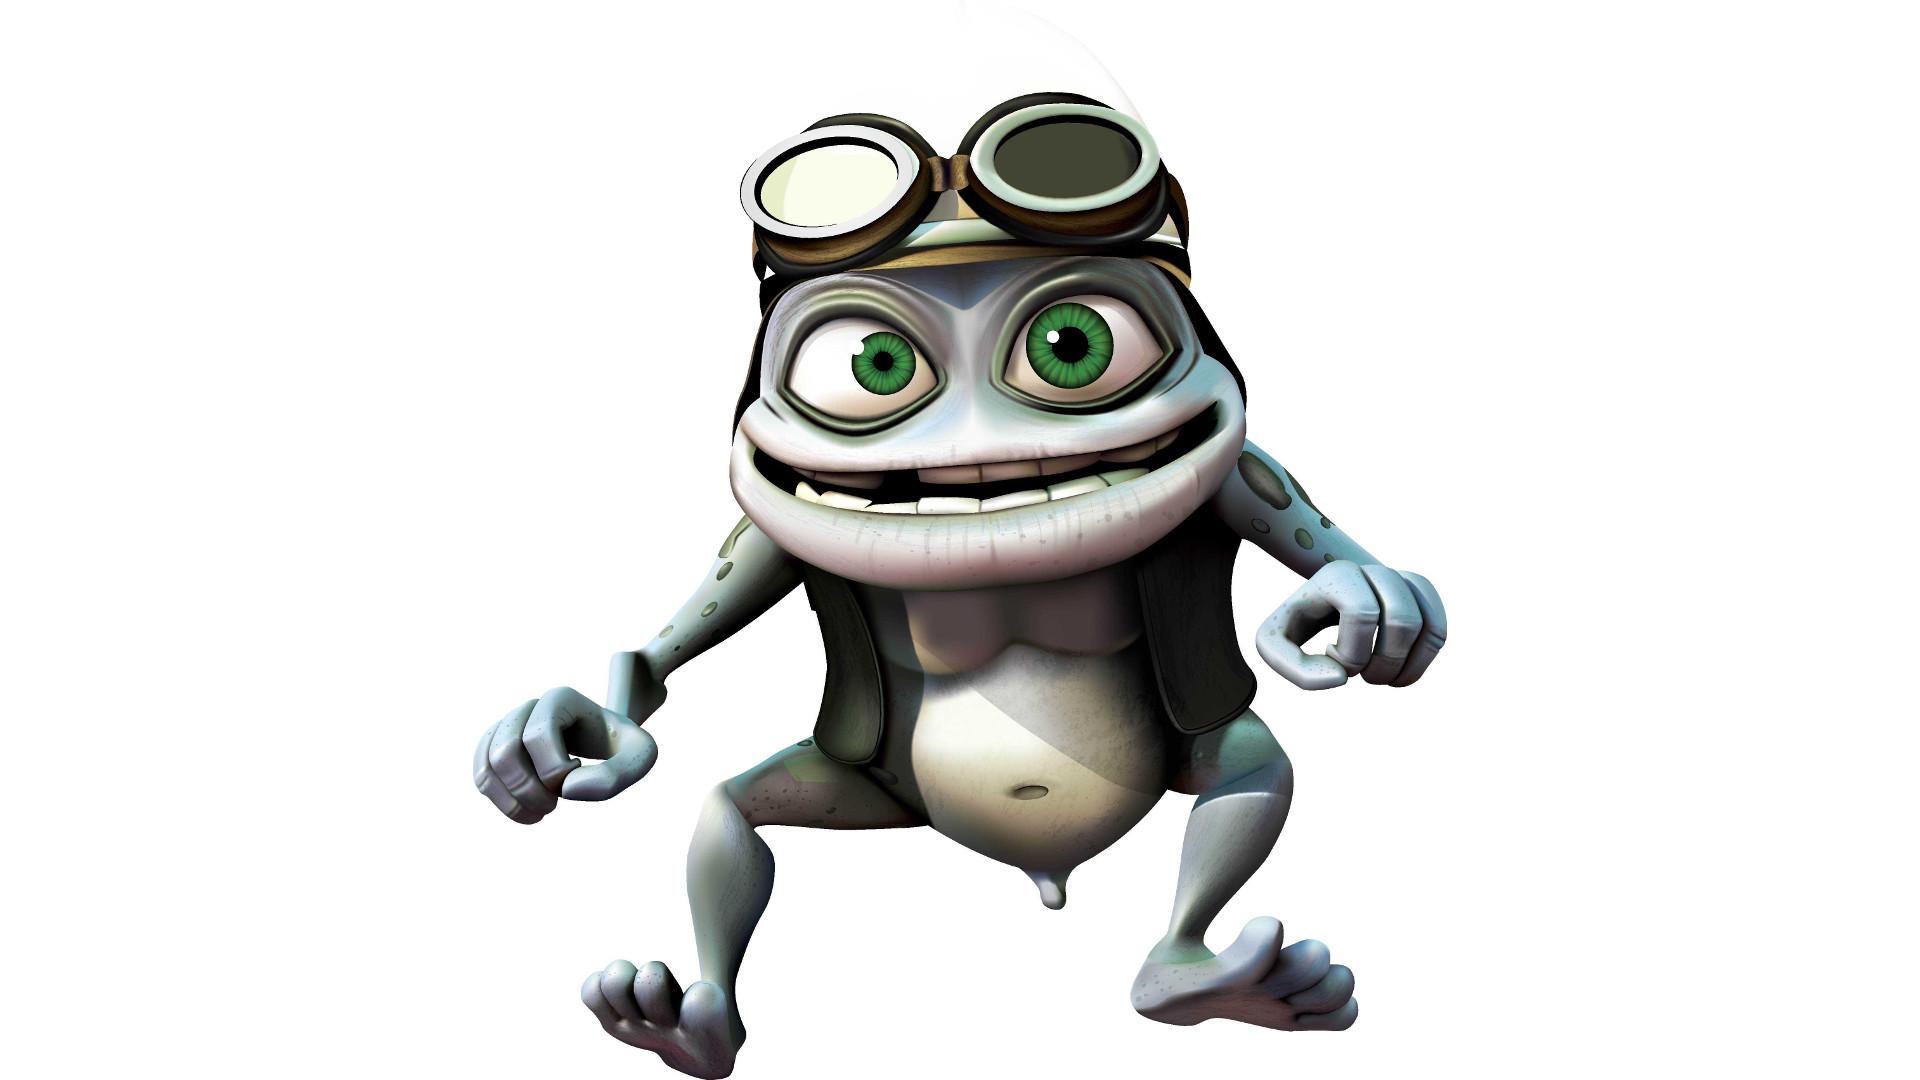 Crazy Frog backdrop wallpaper